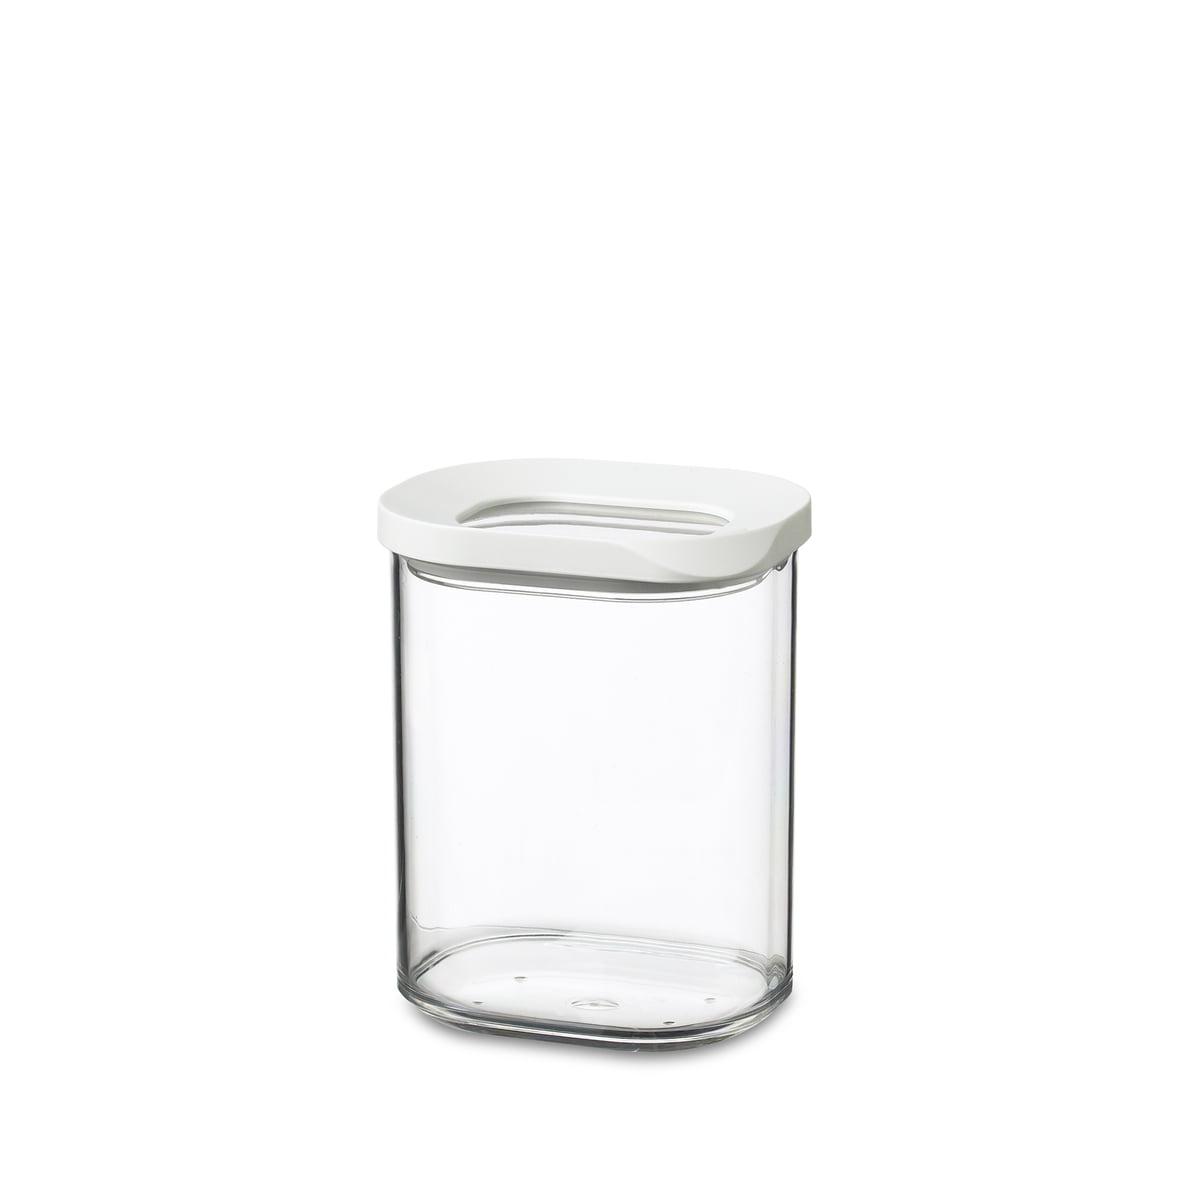 Rosti Mepal - Modula Vorratsdose, mini 375 ml, weiß | Küche und Esszimmer > Aufbewahrung | Weiß | San/polyethylen | Rosti Mepal